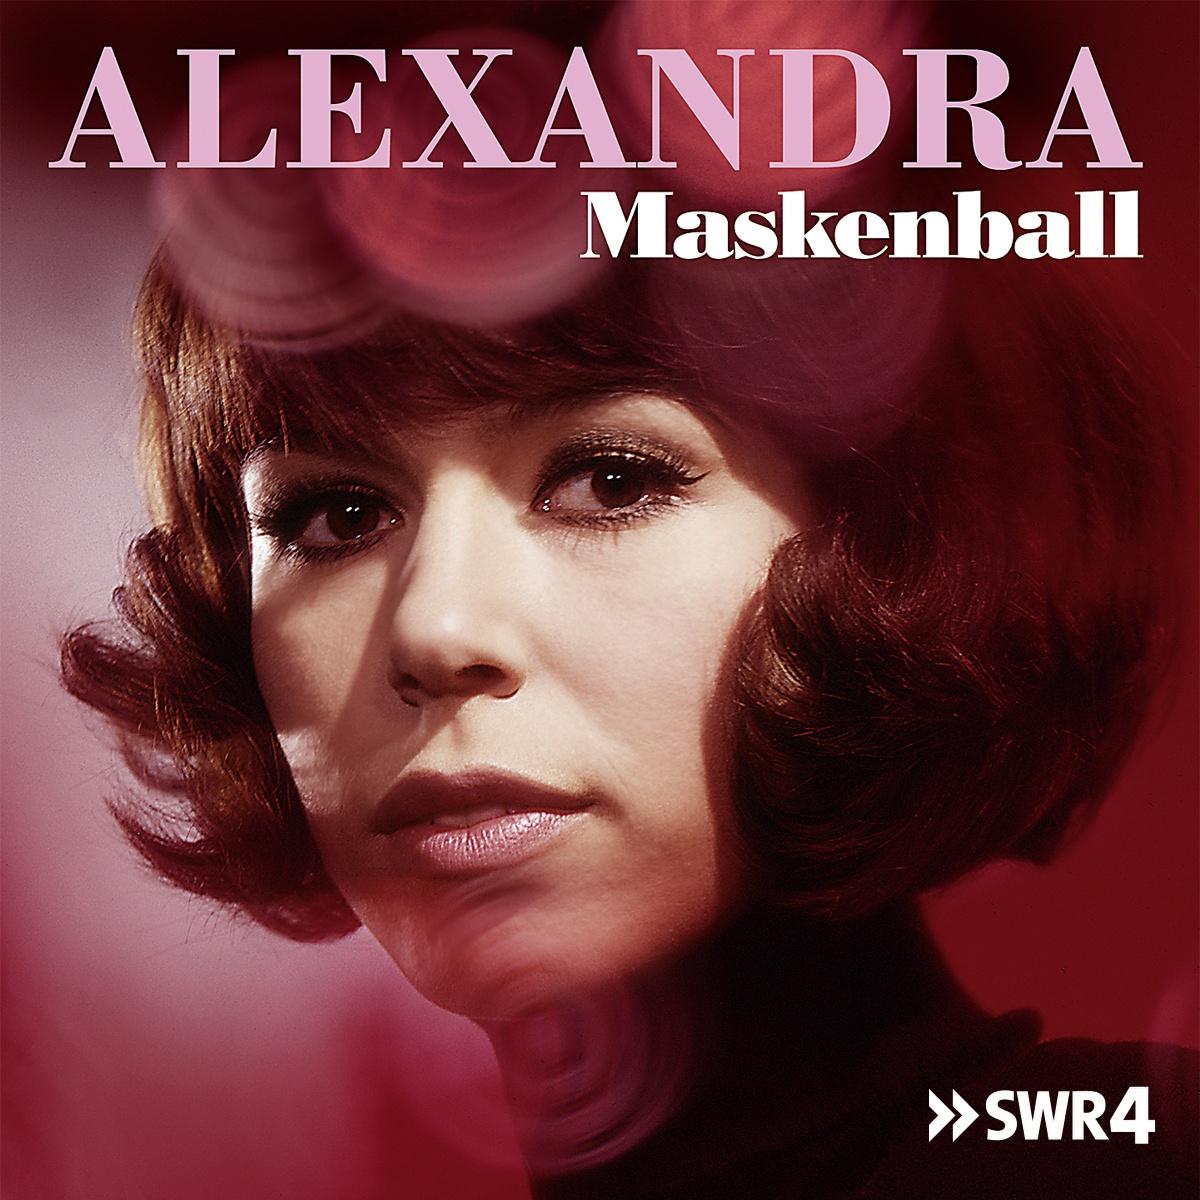 Maskenball (Foto: Alexandra)